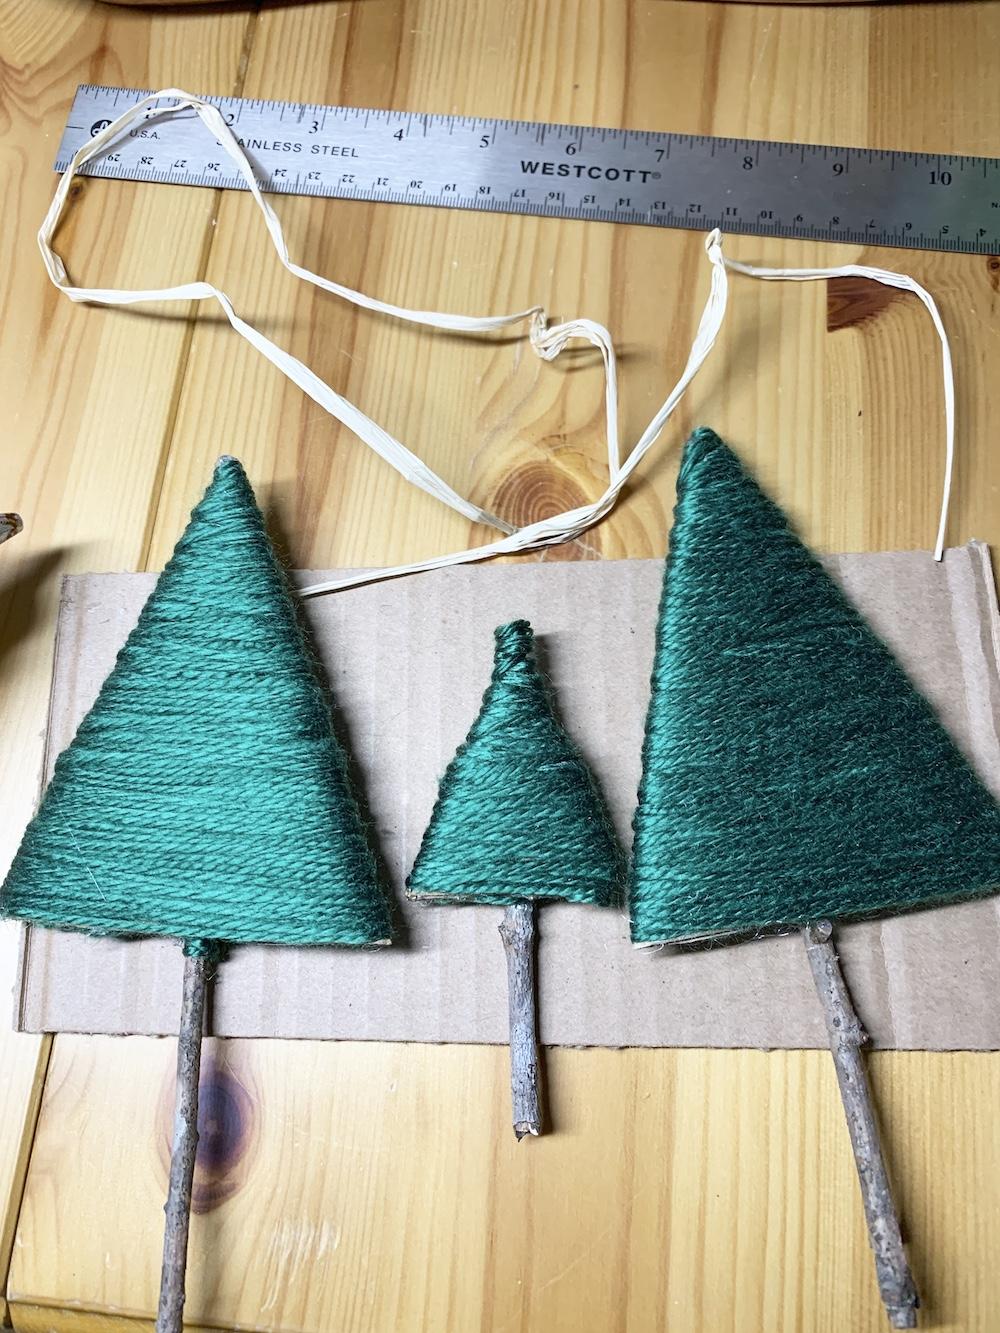 Easy DIY Decor Yarn Wrapped Trees #DIY #DIYChristmasTree #ChristmasDecor #ChristmasTableTop #DIYChristmasProject #RusticDecor